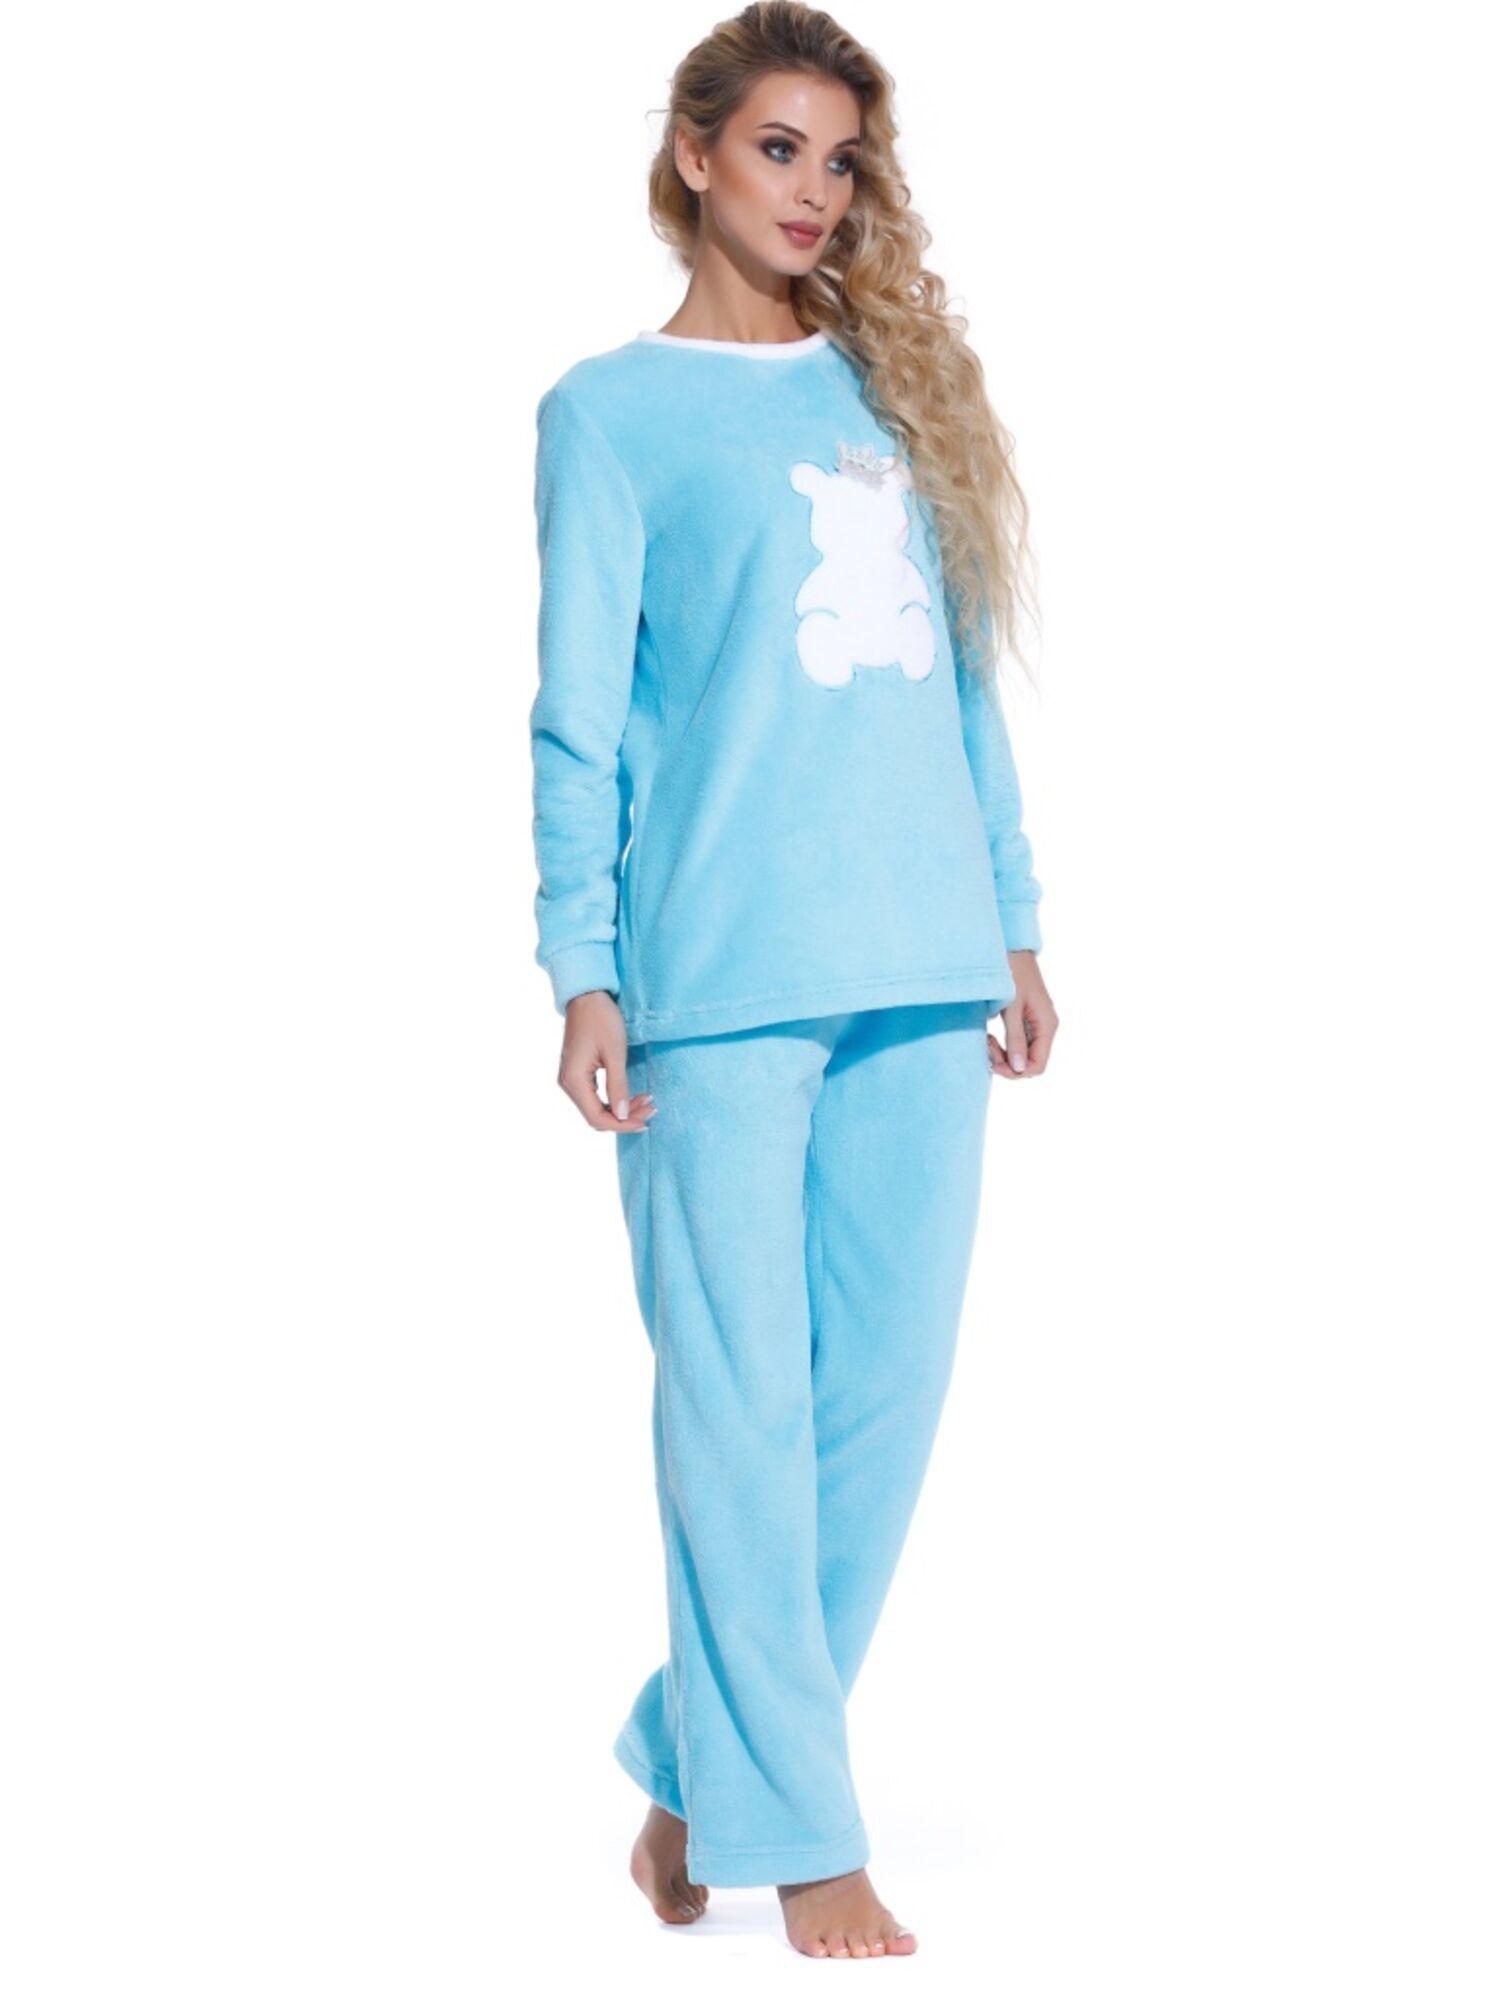 Женская мягкая пижама Soft Teddy 1711 бирюзовый, Peche Monnaie (Россия)